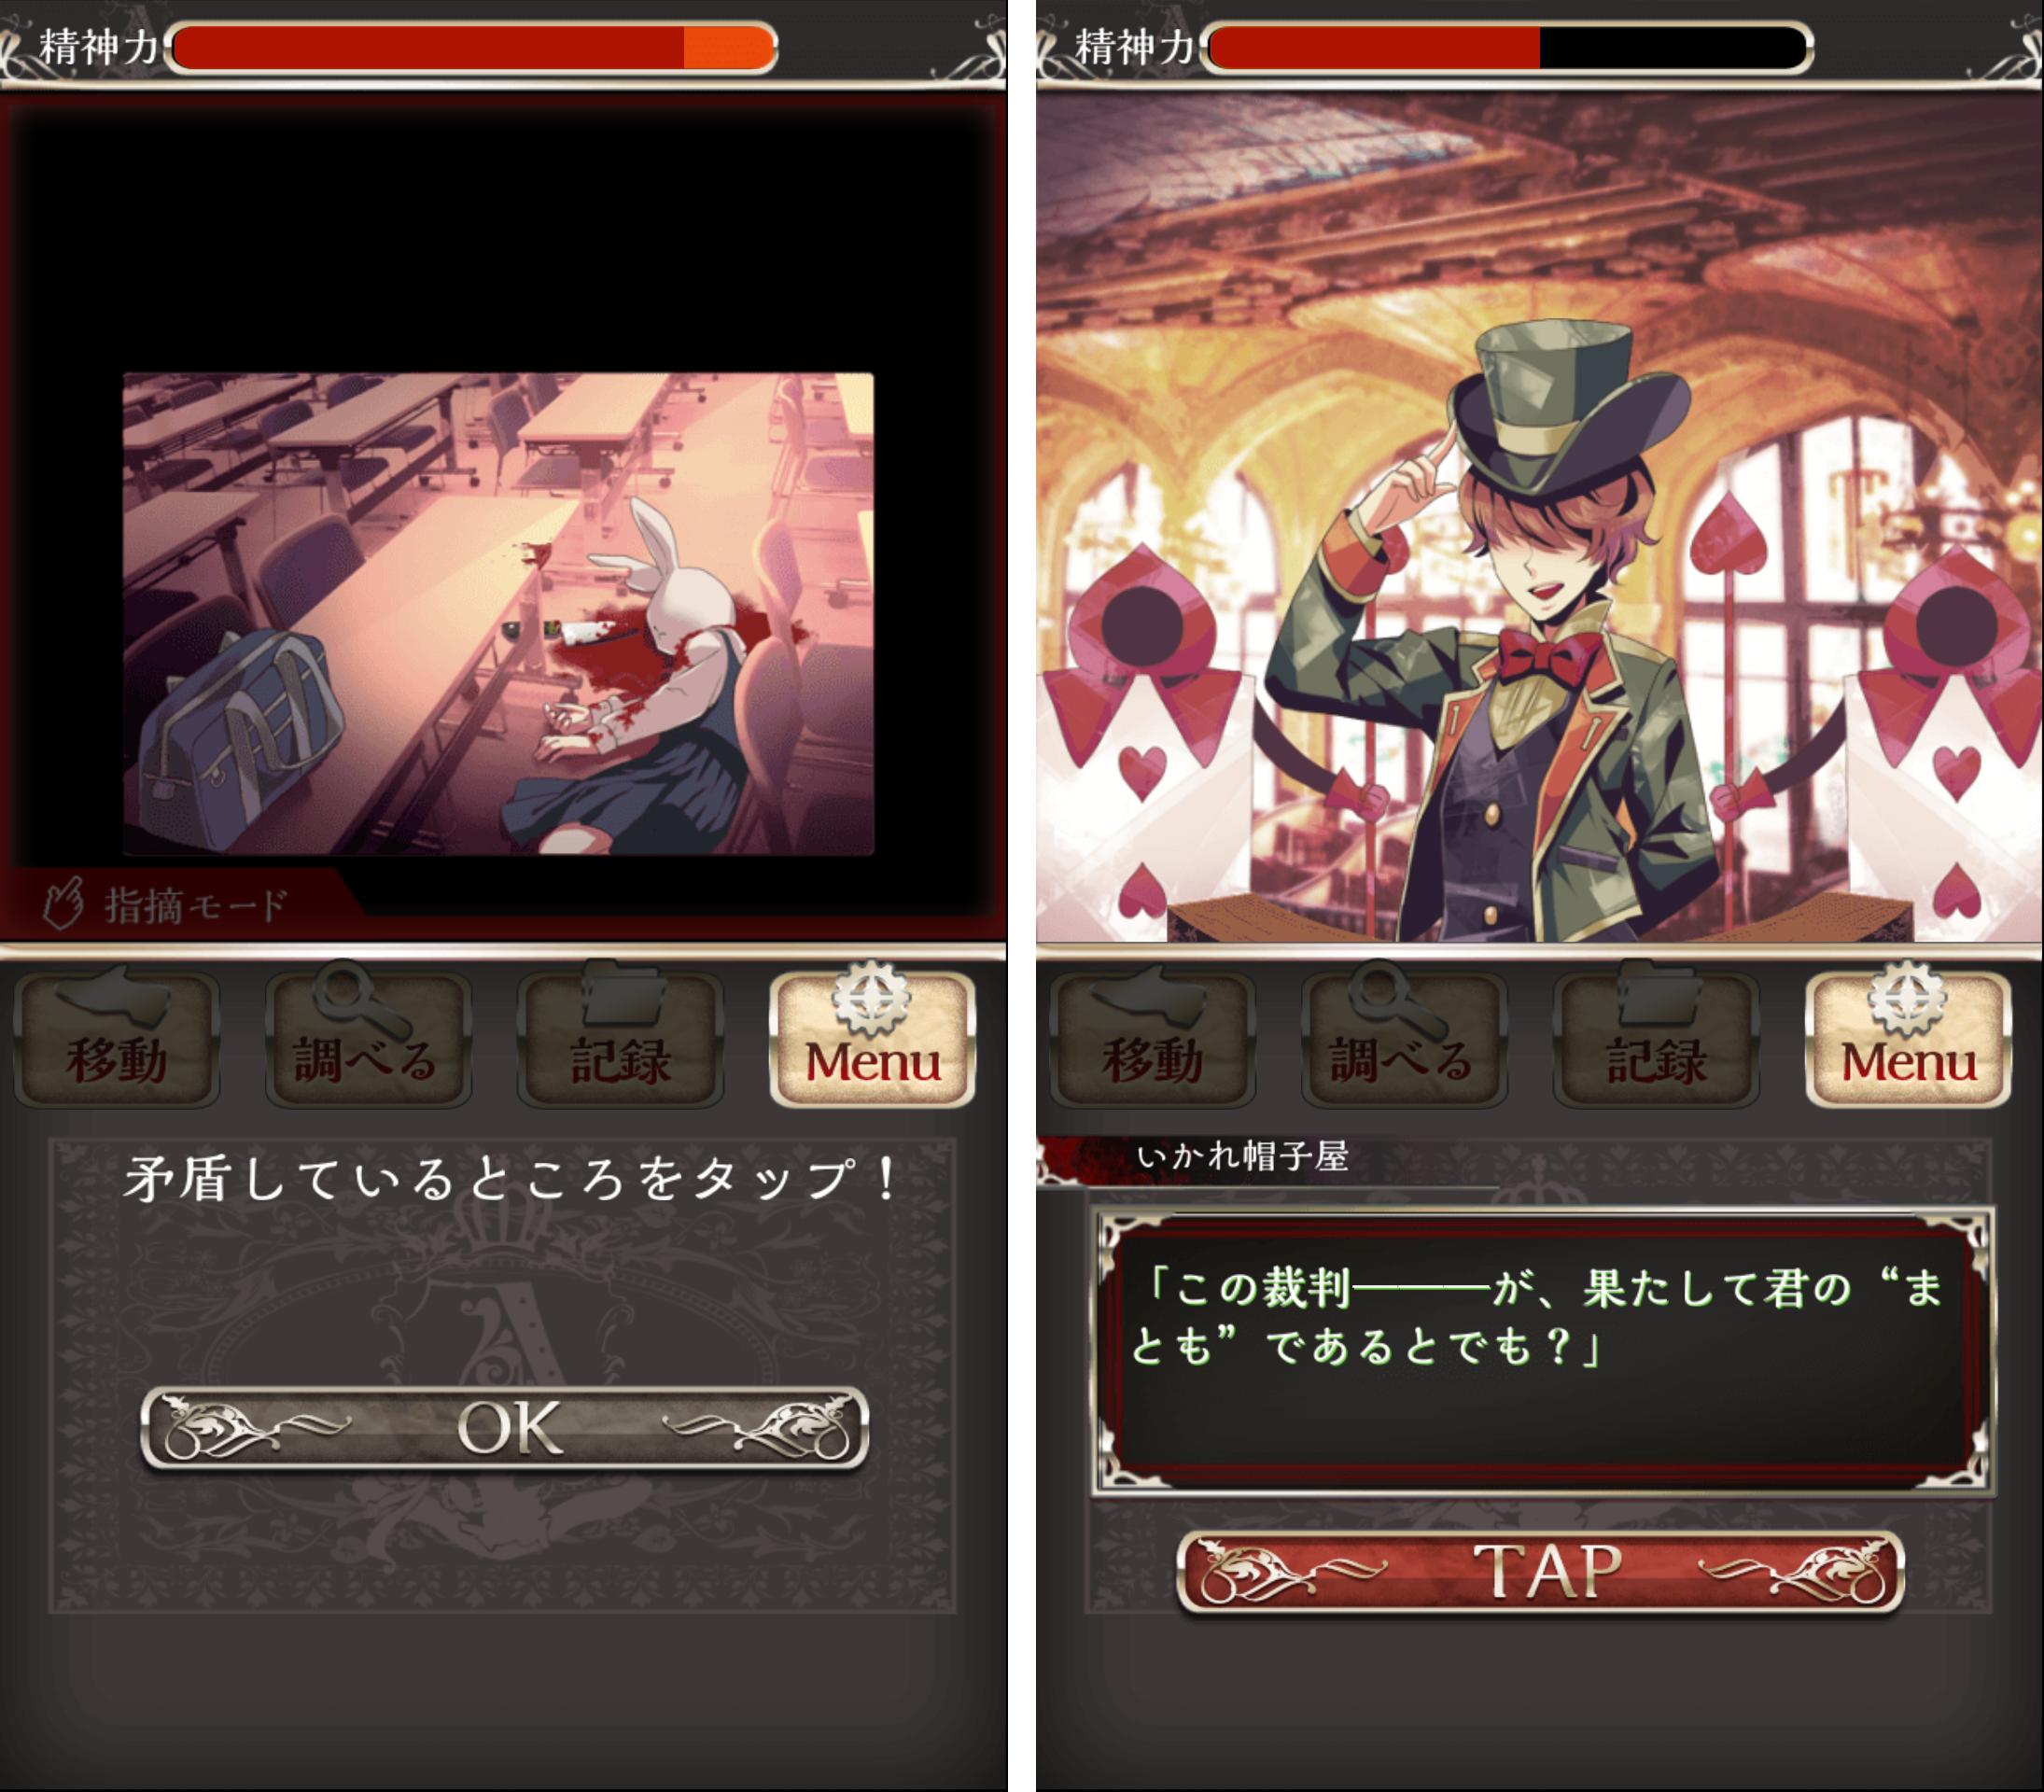 アリスの精神裁判 androidアプリスクリーンショット2